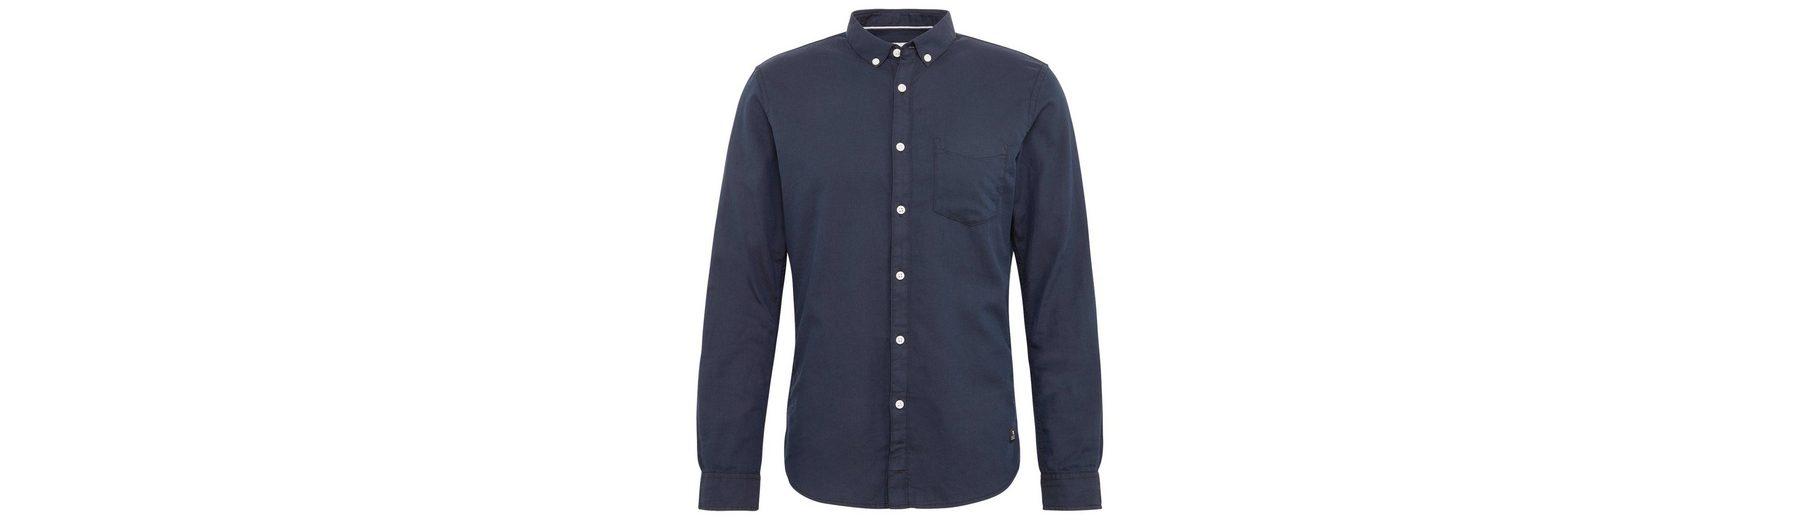 Bestpreis Outlet Billige Qualität Tom Tailor Denim Hemd mit Brusttasche Freies Verschiffen Outlet-Store Rabatt 9lX6xfv